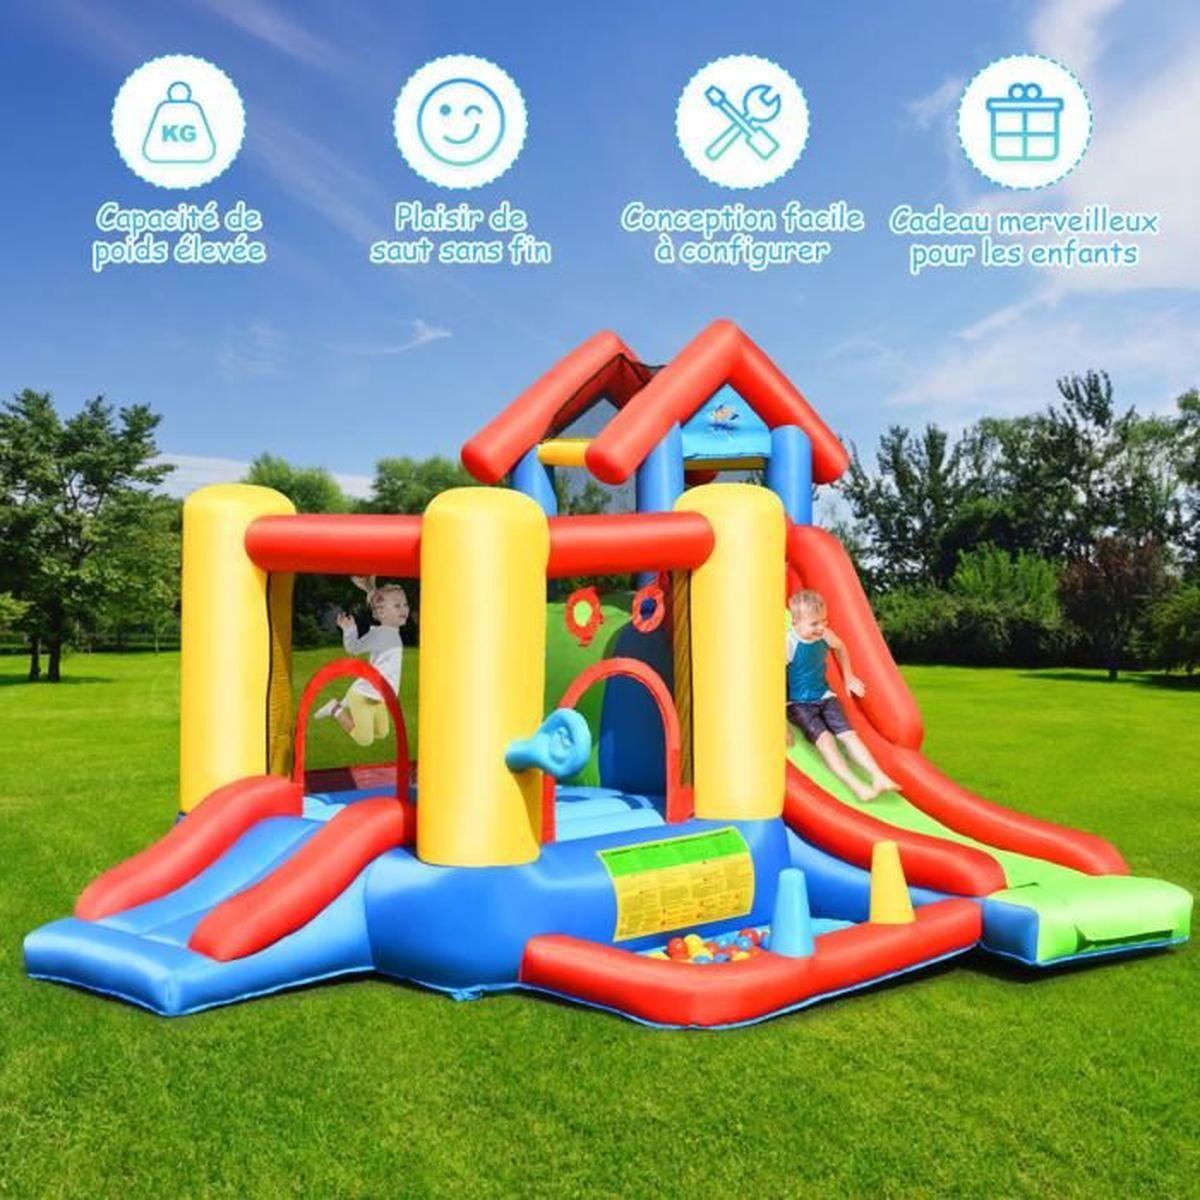 Costway 7 En 1 Château Gonflable Pour 5 Enfants Plus De 3 Ans Avec  Toboggan,30 Ballons 300X360X235Cm Charge Max 135Kg Extérieur avec Jeux Pour Enfant De 3 Ans